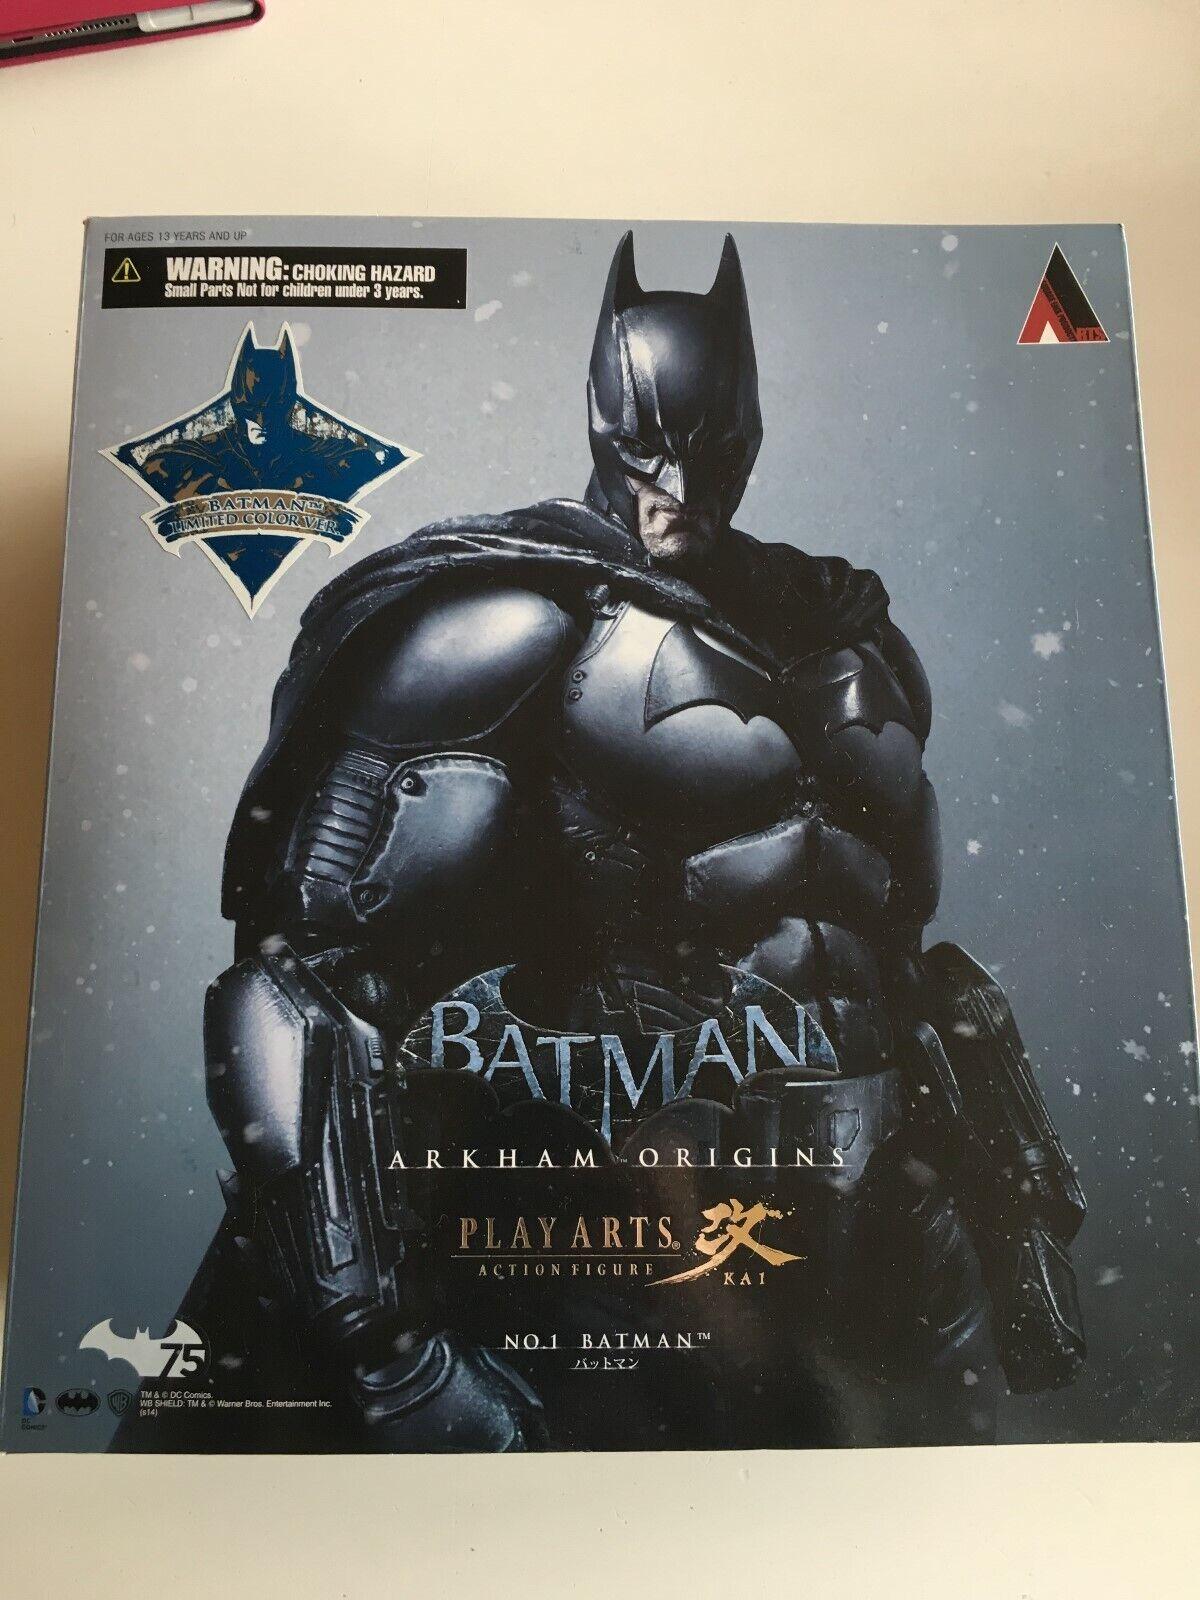 Jugar Arts Kai SDCC 2014 exclusive Arkham Origins BATMAN - DC Comics - opened